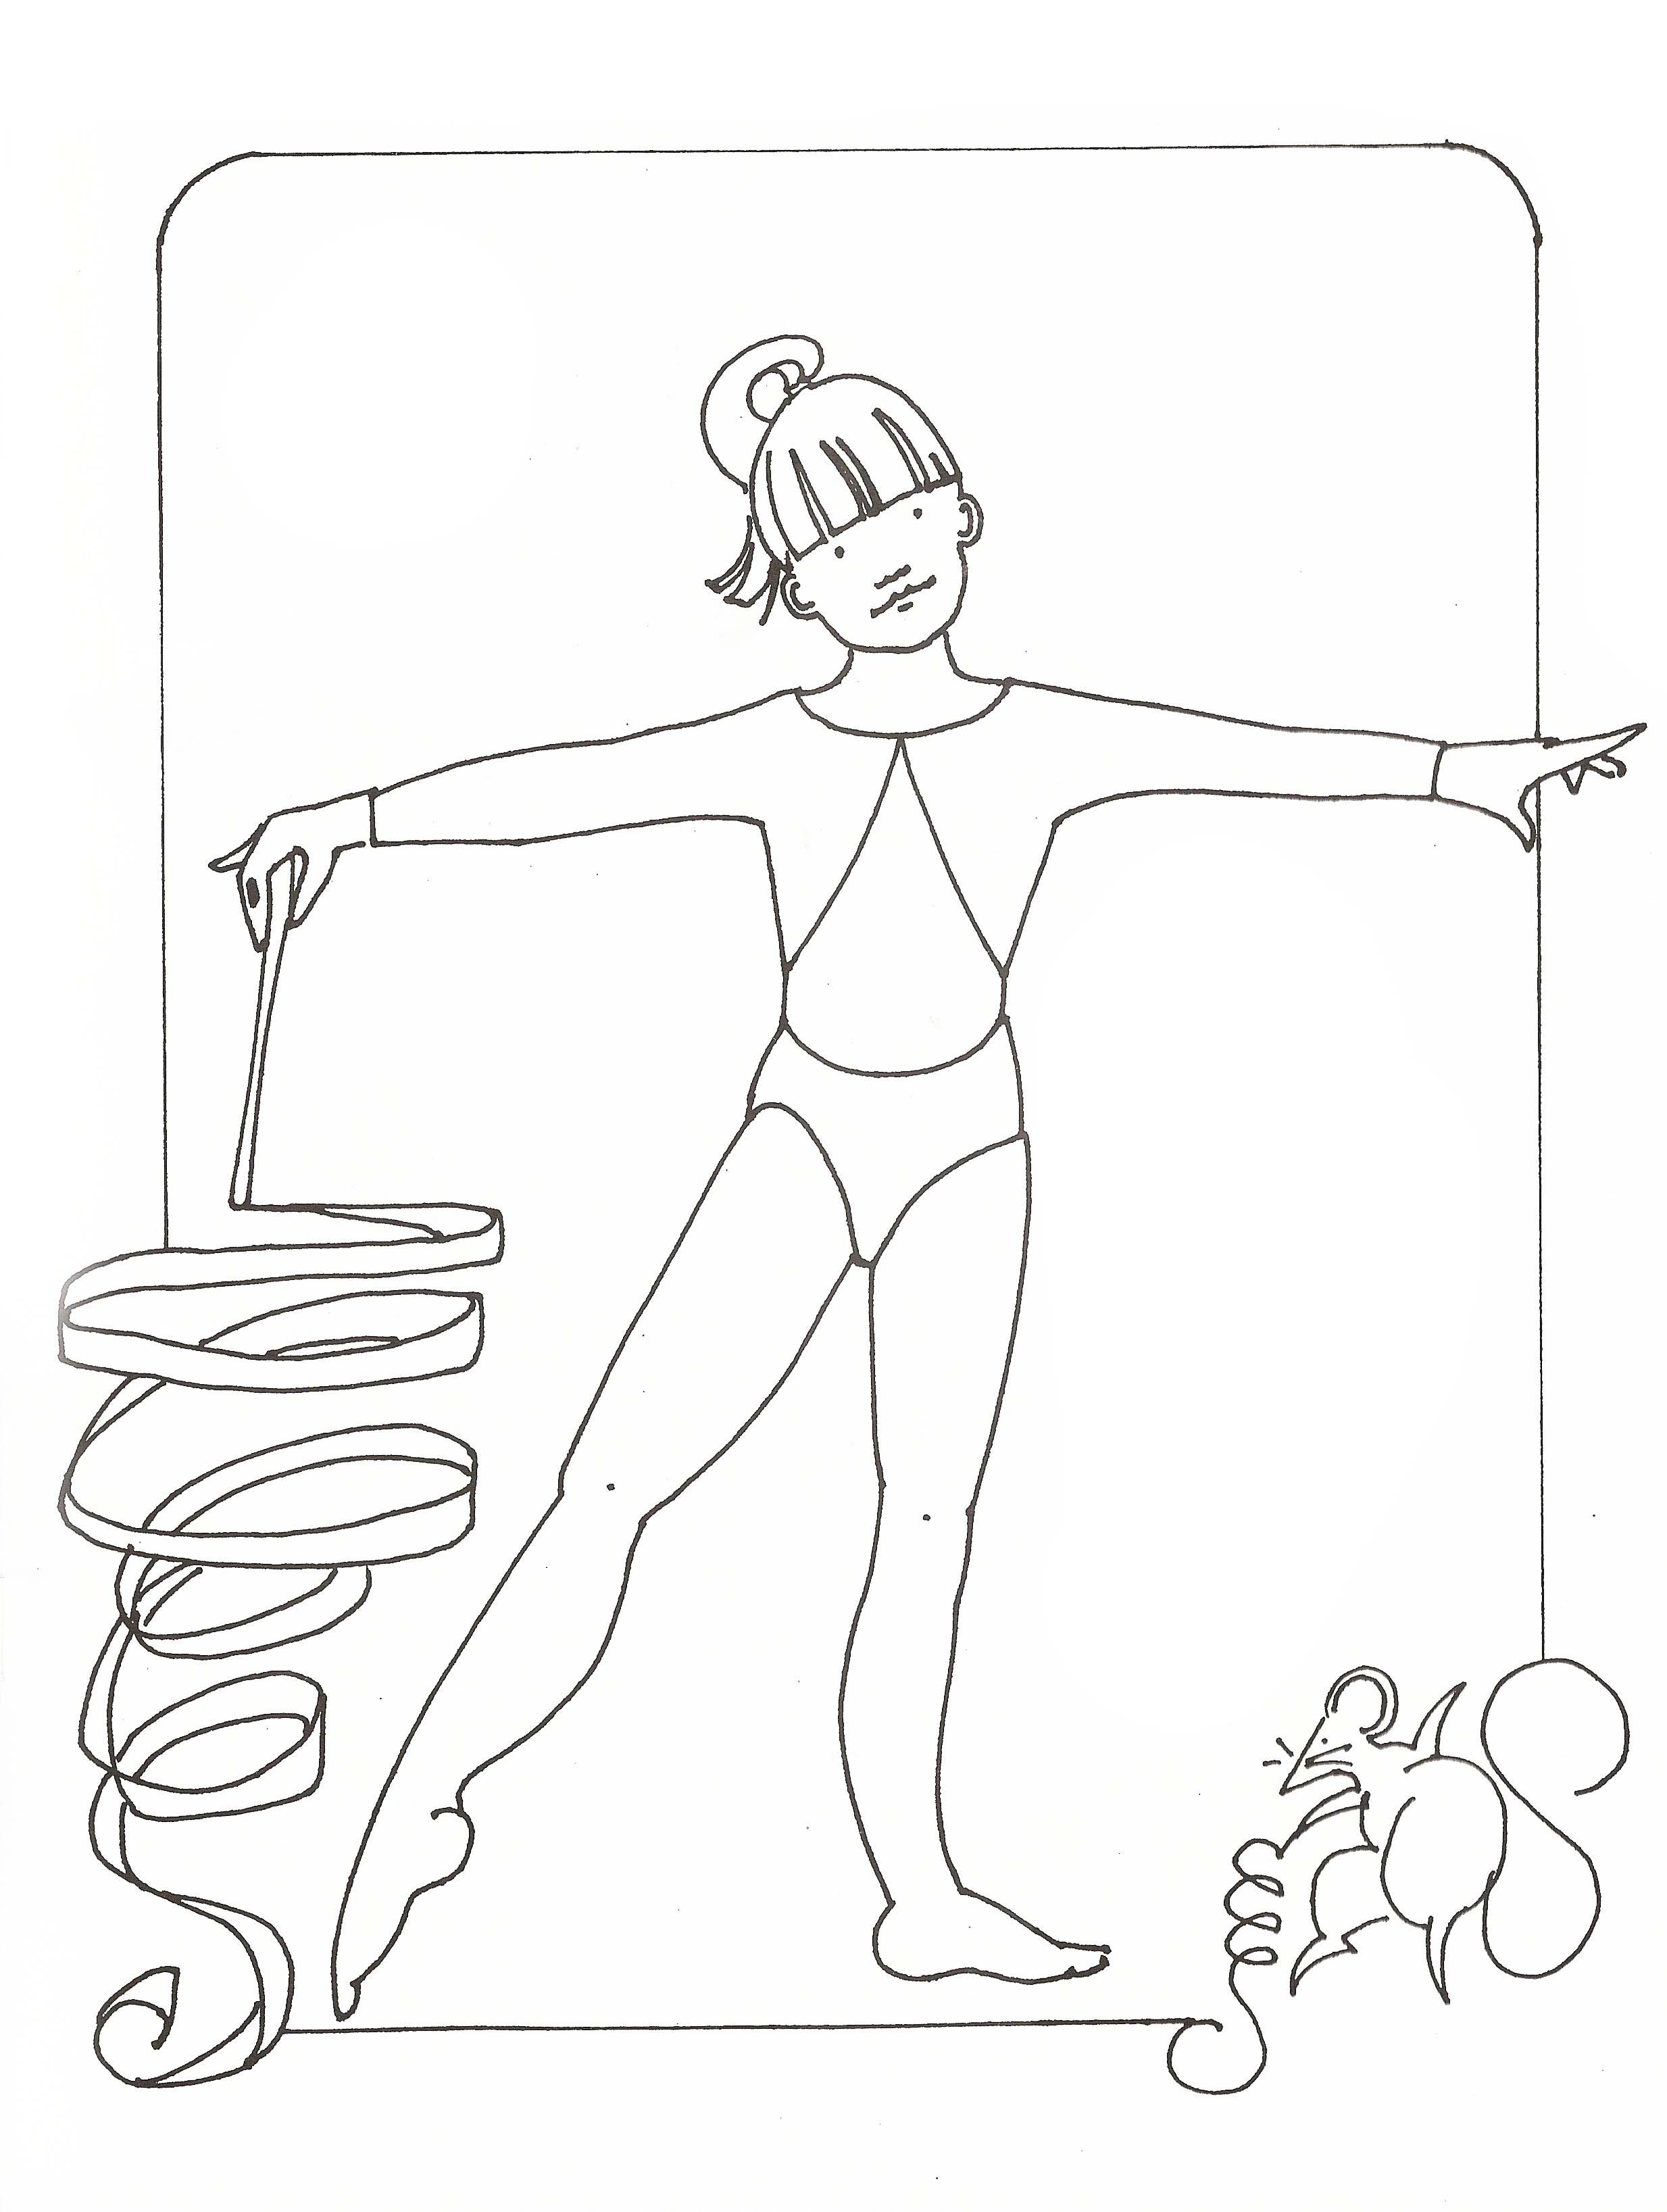 Coloring pictures gymnastics - Barbie Gymnastic Coloring Pages For Girls Coloring Pages For All